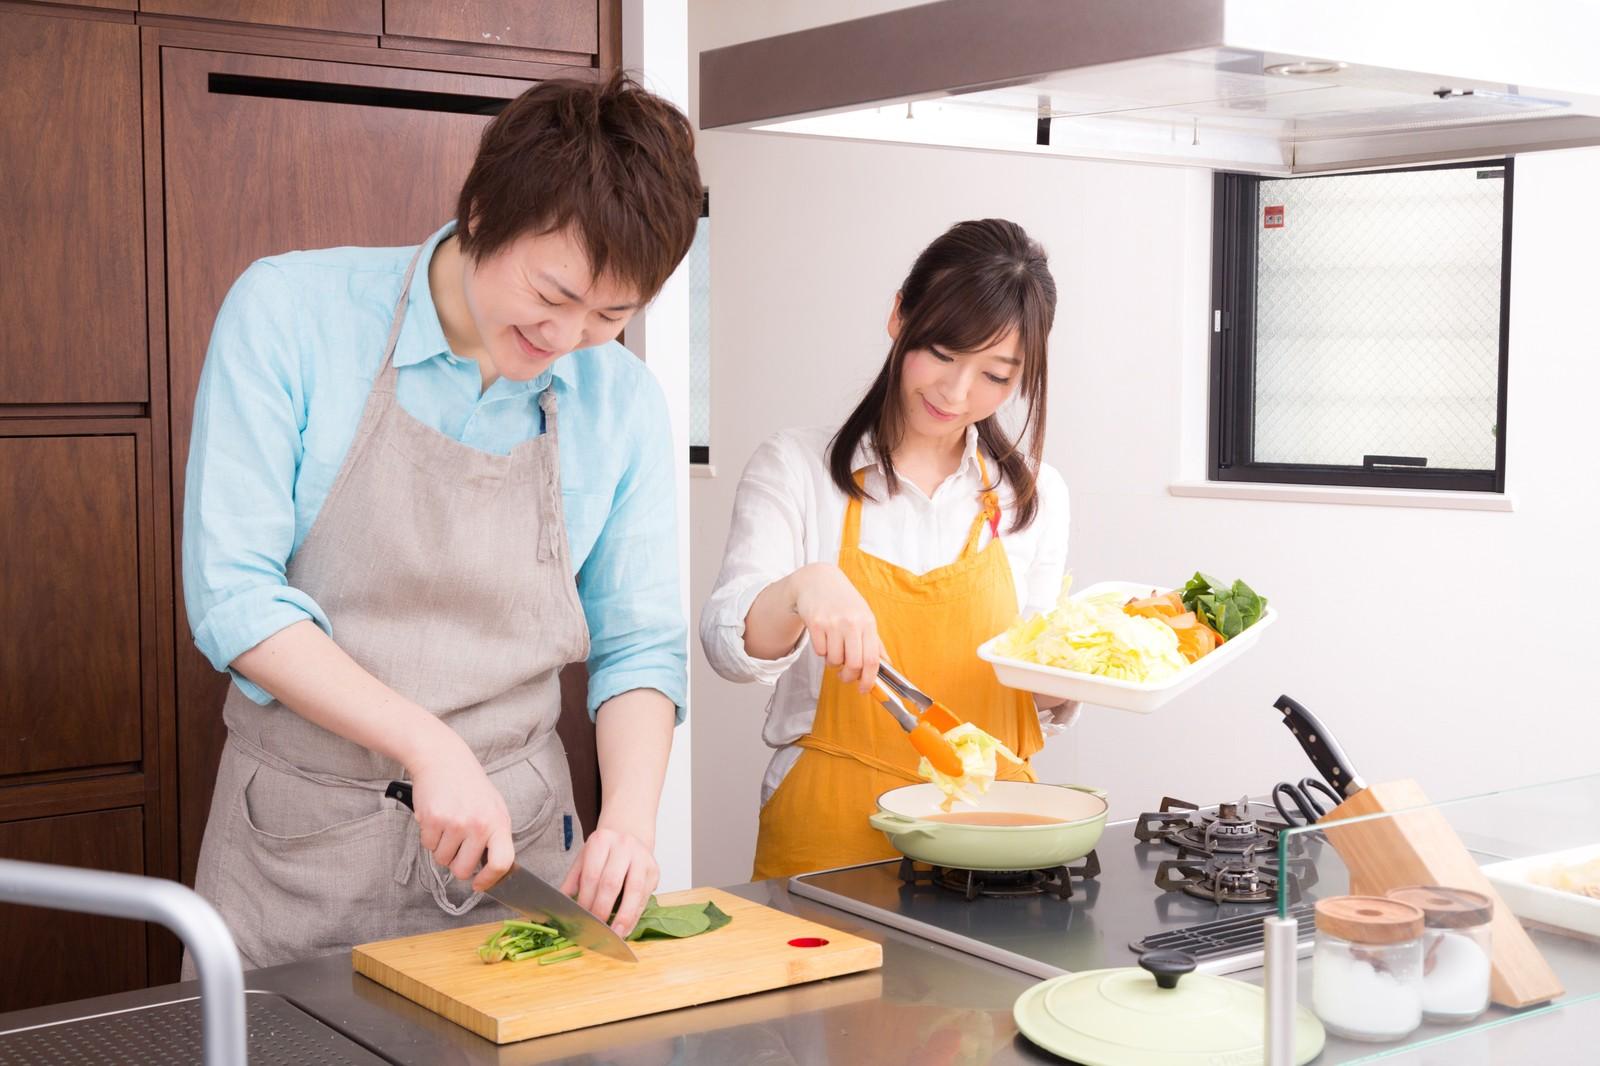 浮気調査の依頼をする前に、あなたが普段よりもいい夫を演じることによって、妻に惚れ直してもらうという手段もあります。